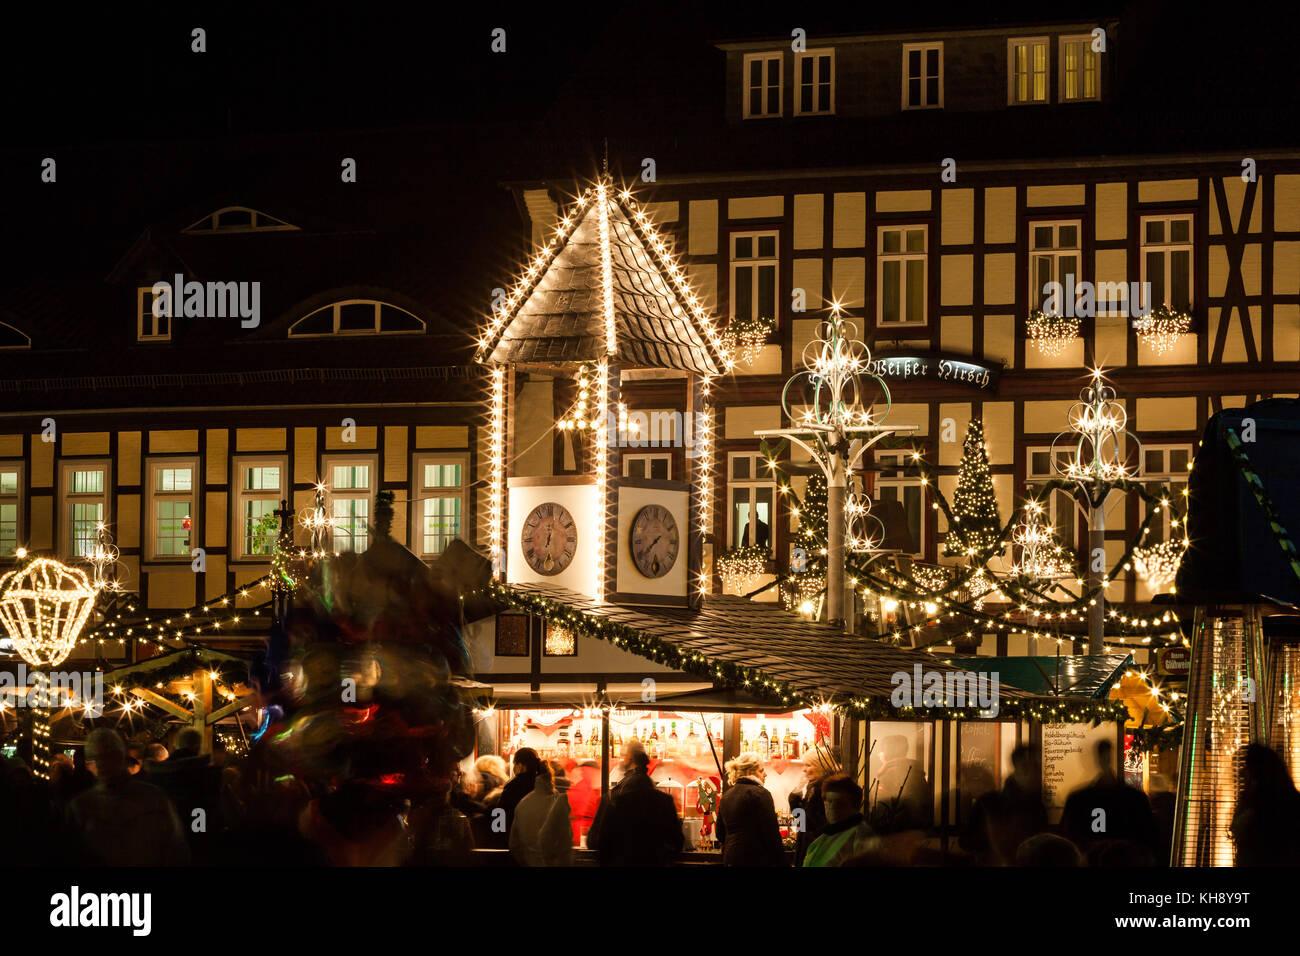 Weihnachtsmarkt Wernigerode In Den Höfen.Wernigerode Weihnachtsmarkt Stockfoto Bild 165539524 Alamy